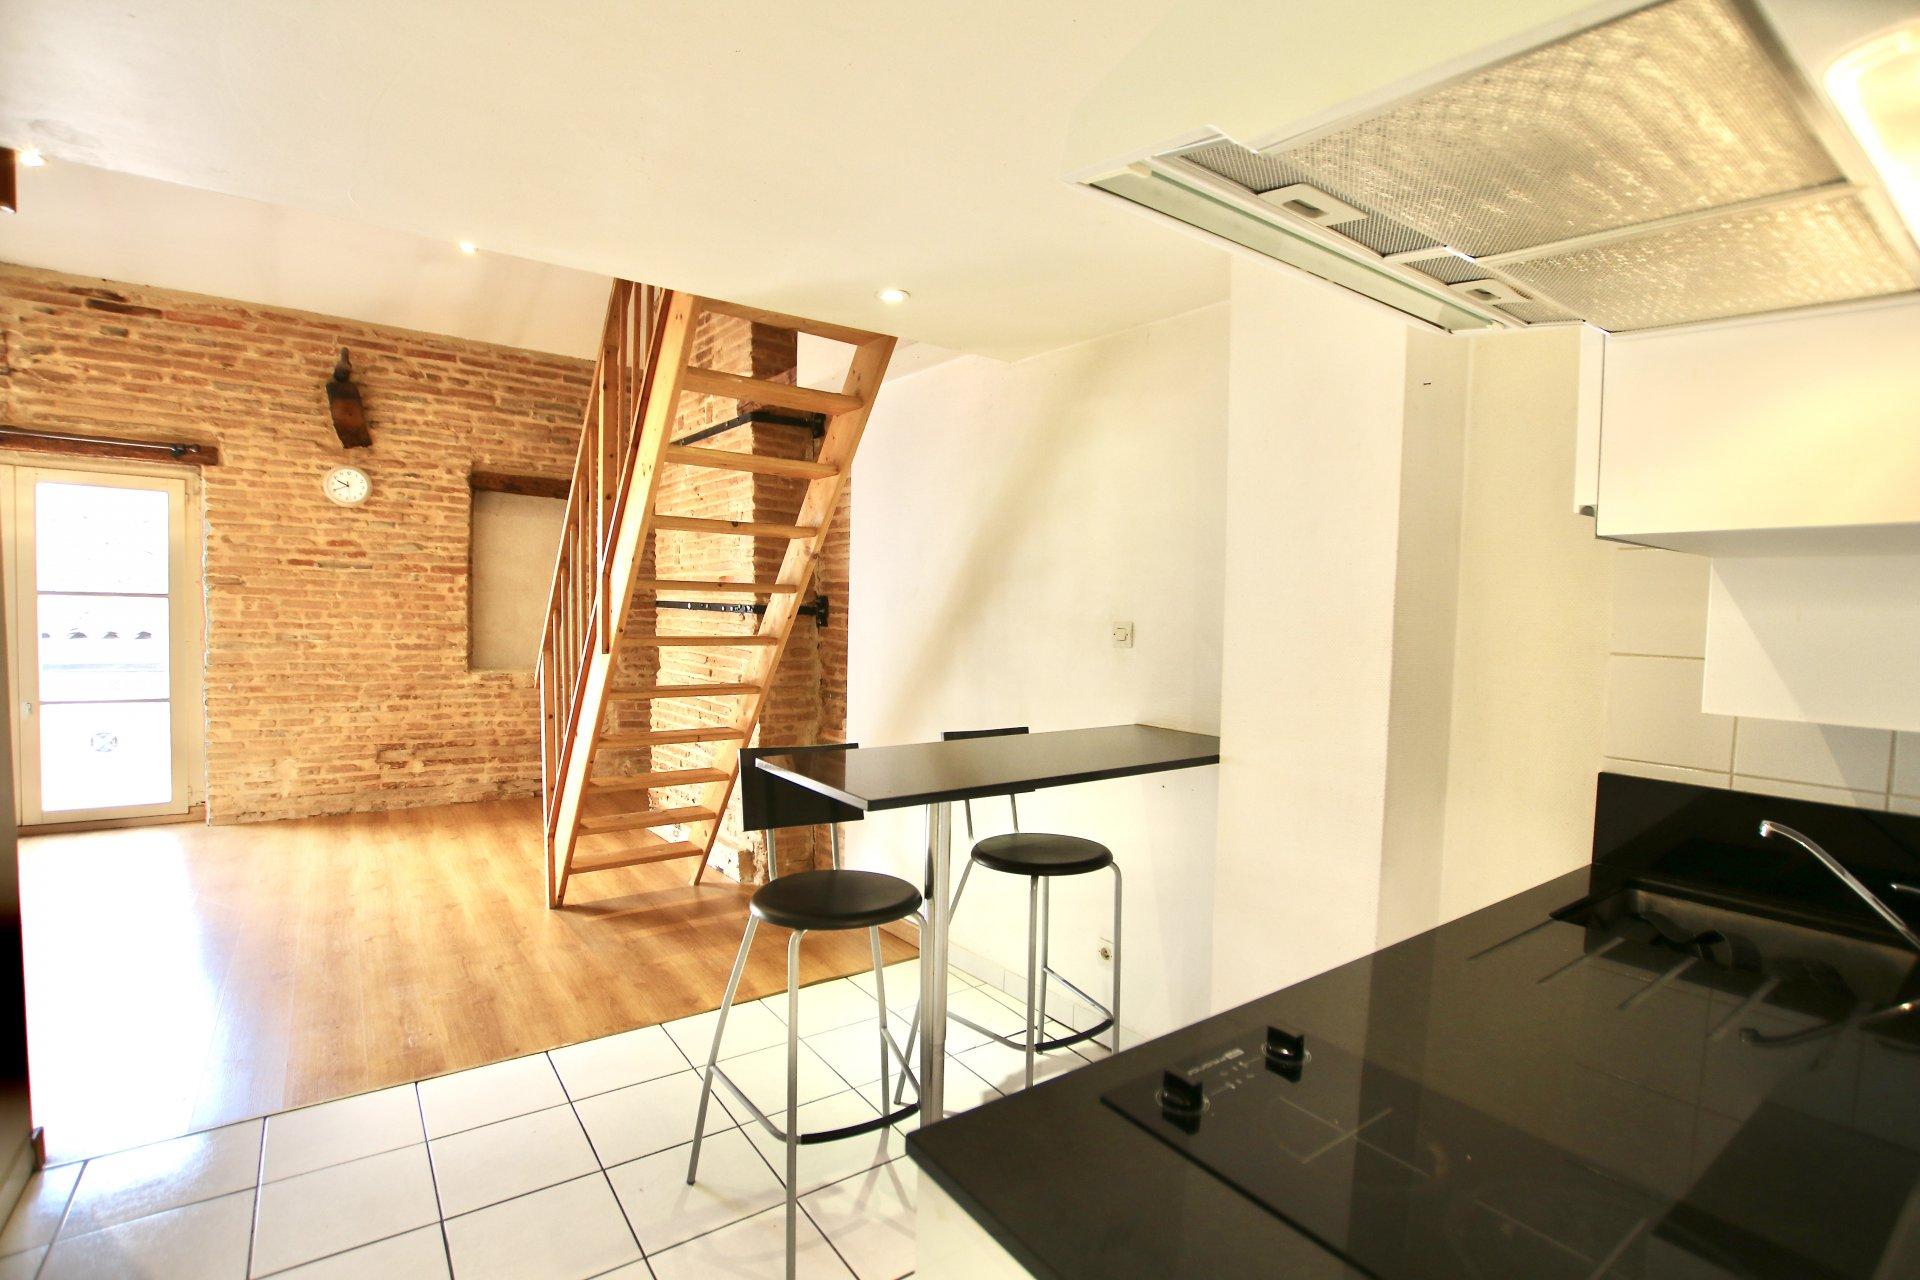 Appartement T1bis de 25m2 - Bourse & Bords de Garonne